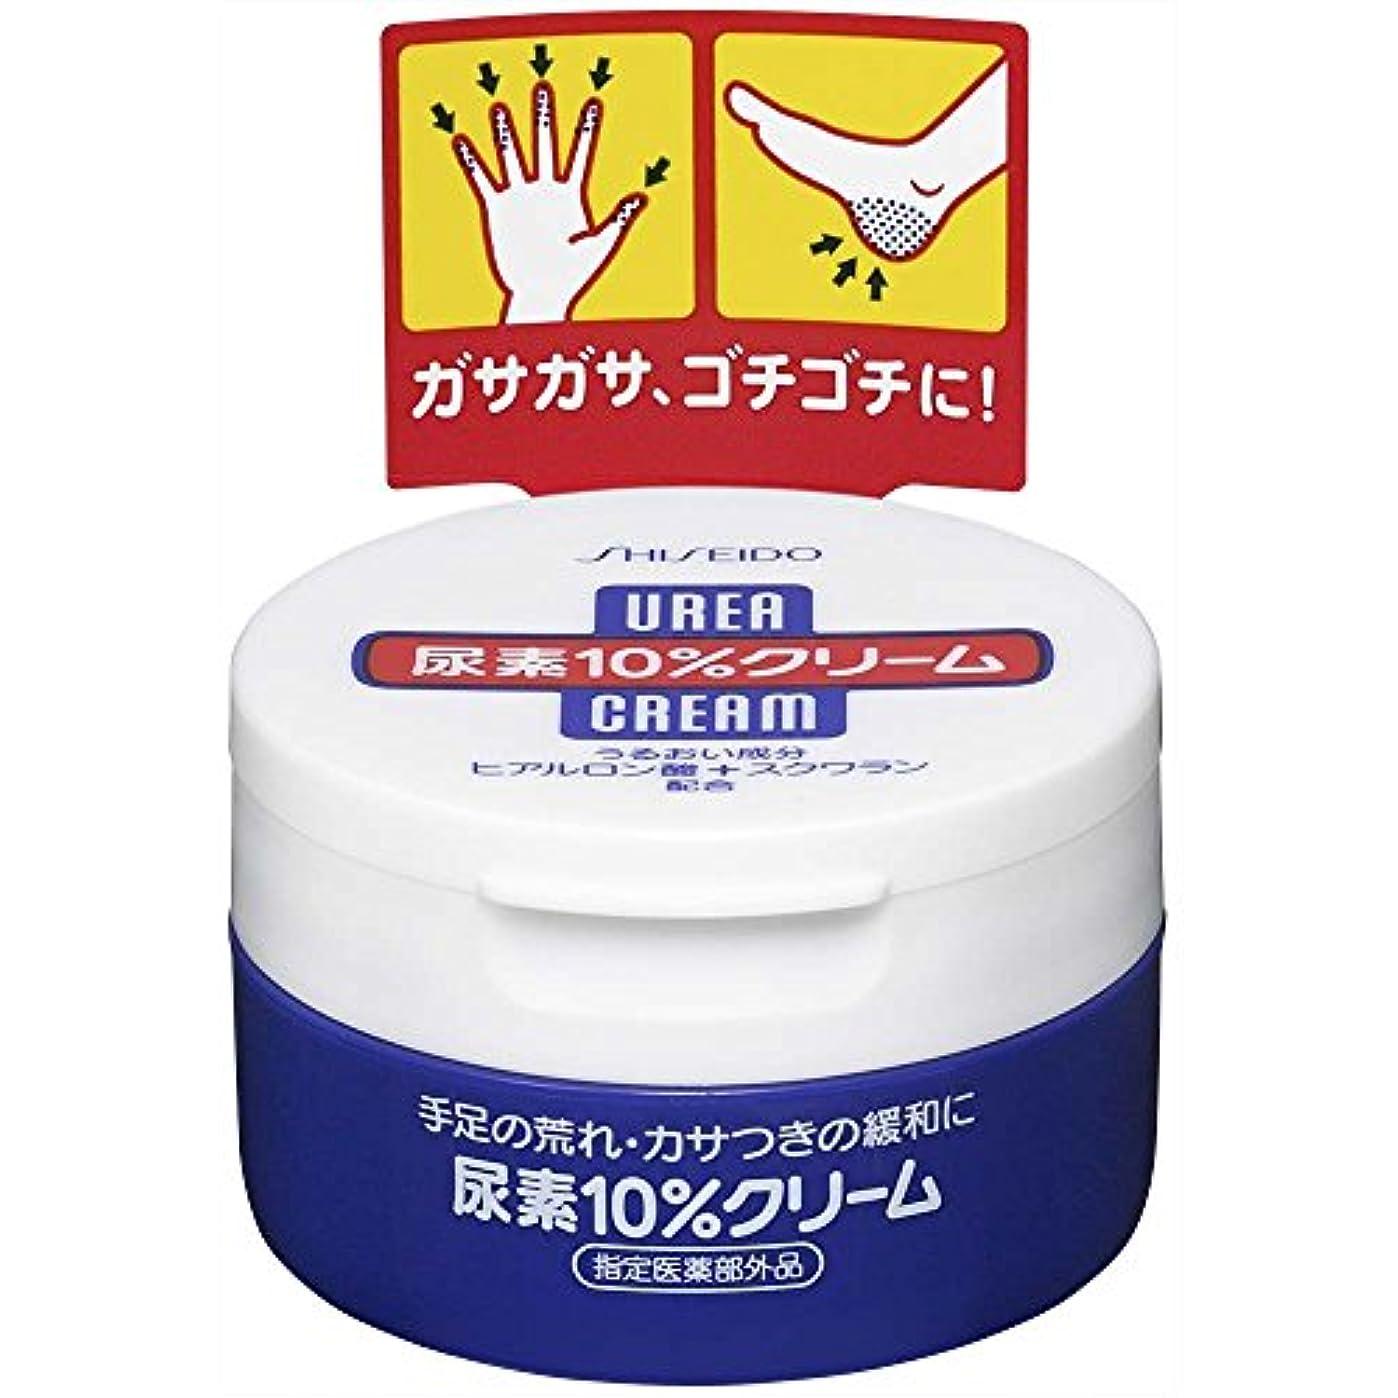 方法陰気パーク尿素10% クリーム 100g